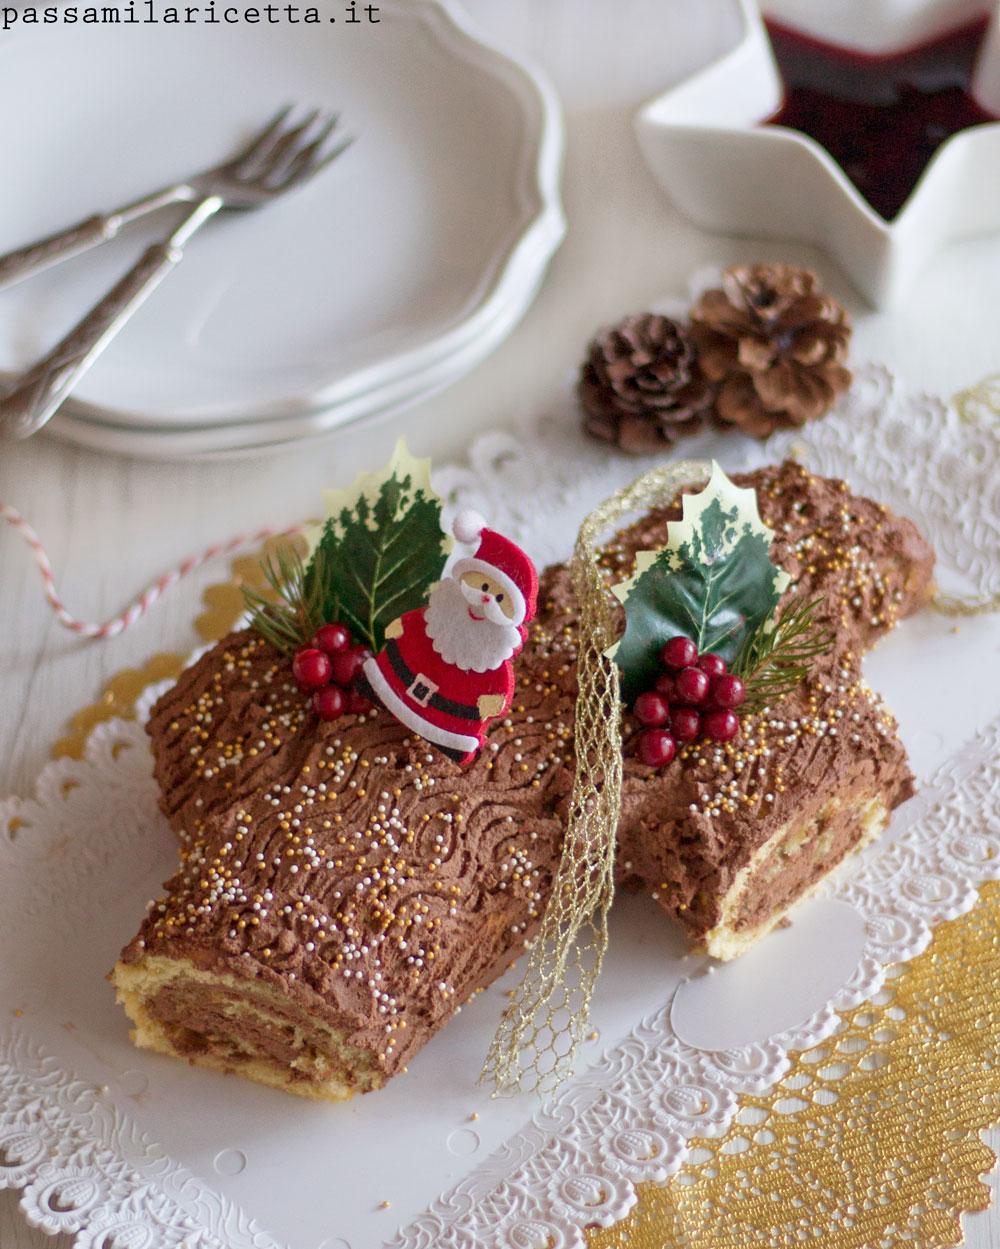 Tronchetto Di Natale.Tronchetto Di Natale Facile In Due Versioni Passami La Ricetta